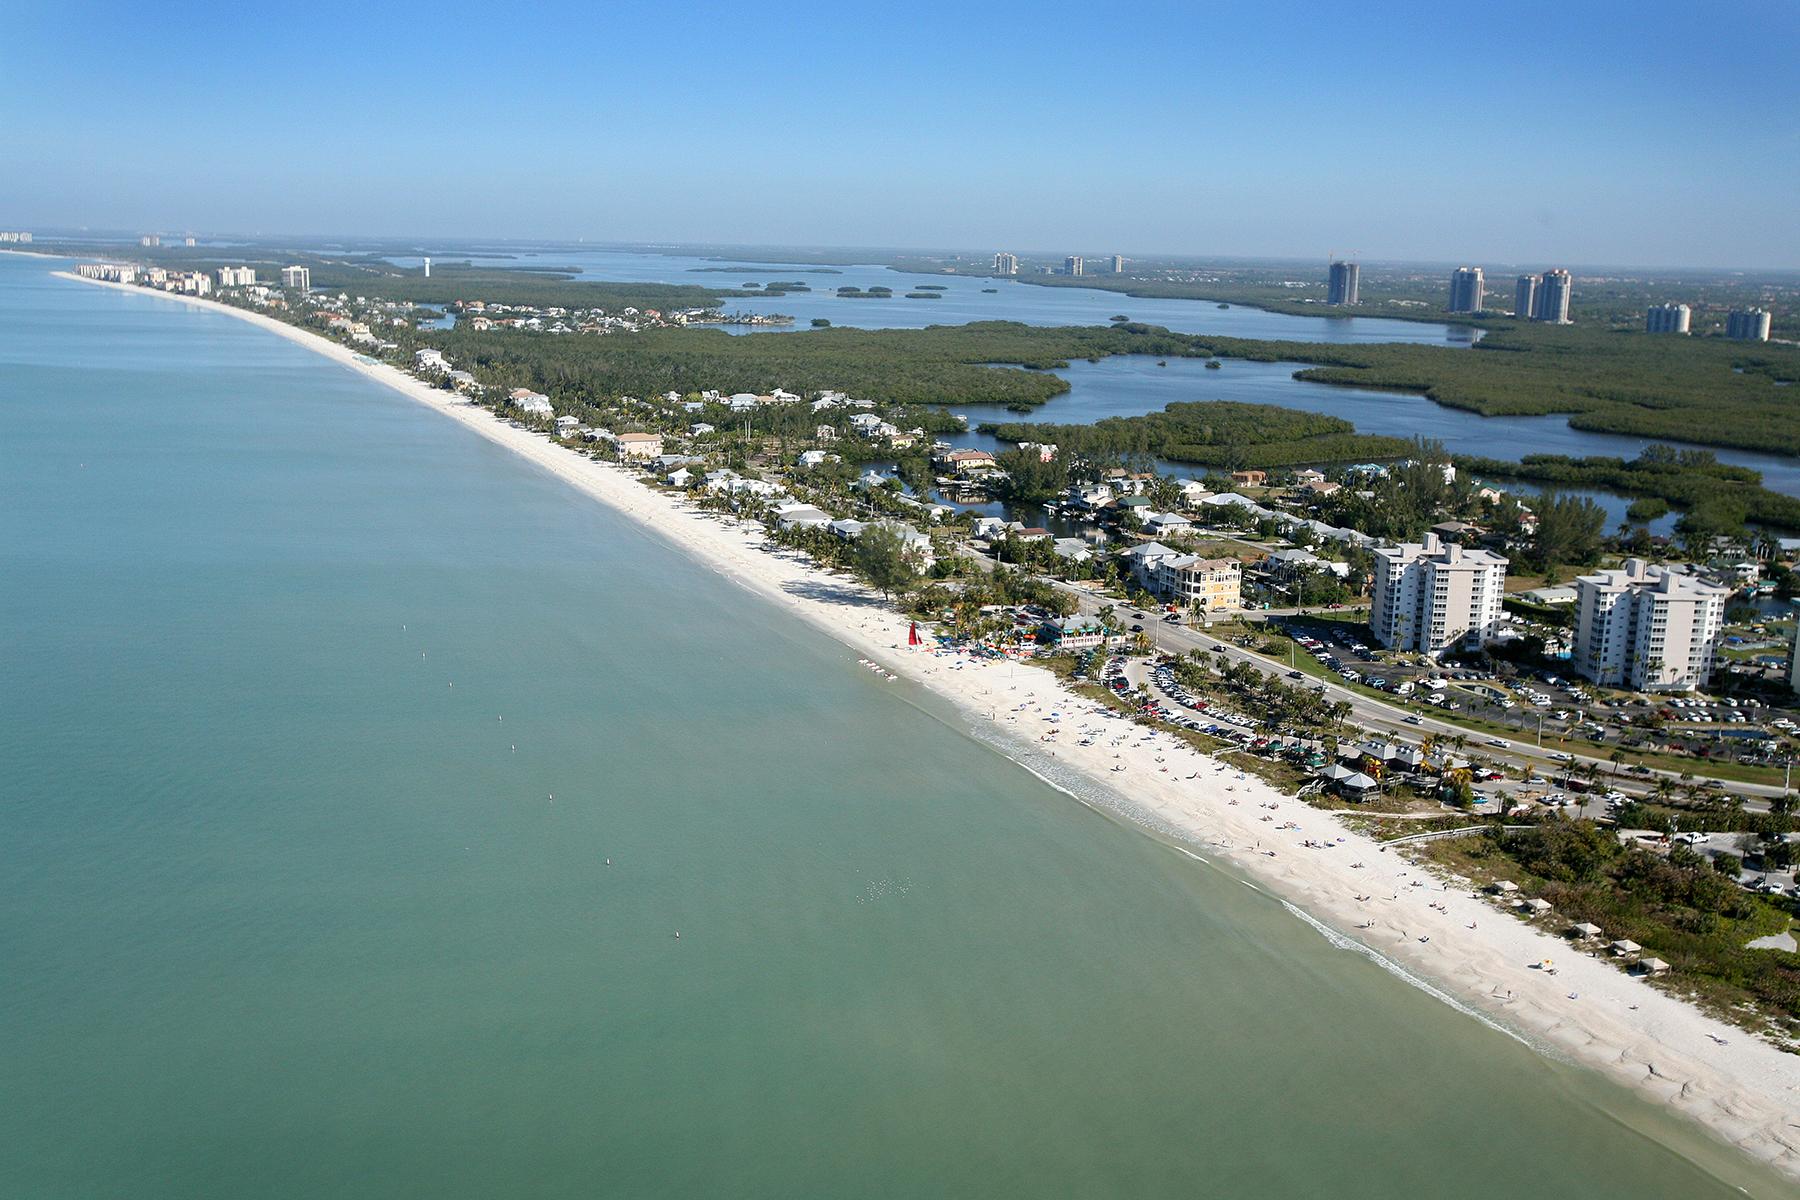 Terreno para Venda às RIVIERA COLONY 3665 Riviera Cir Bonita Springs, Florida, 34134 Estados Unidos